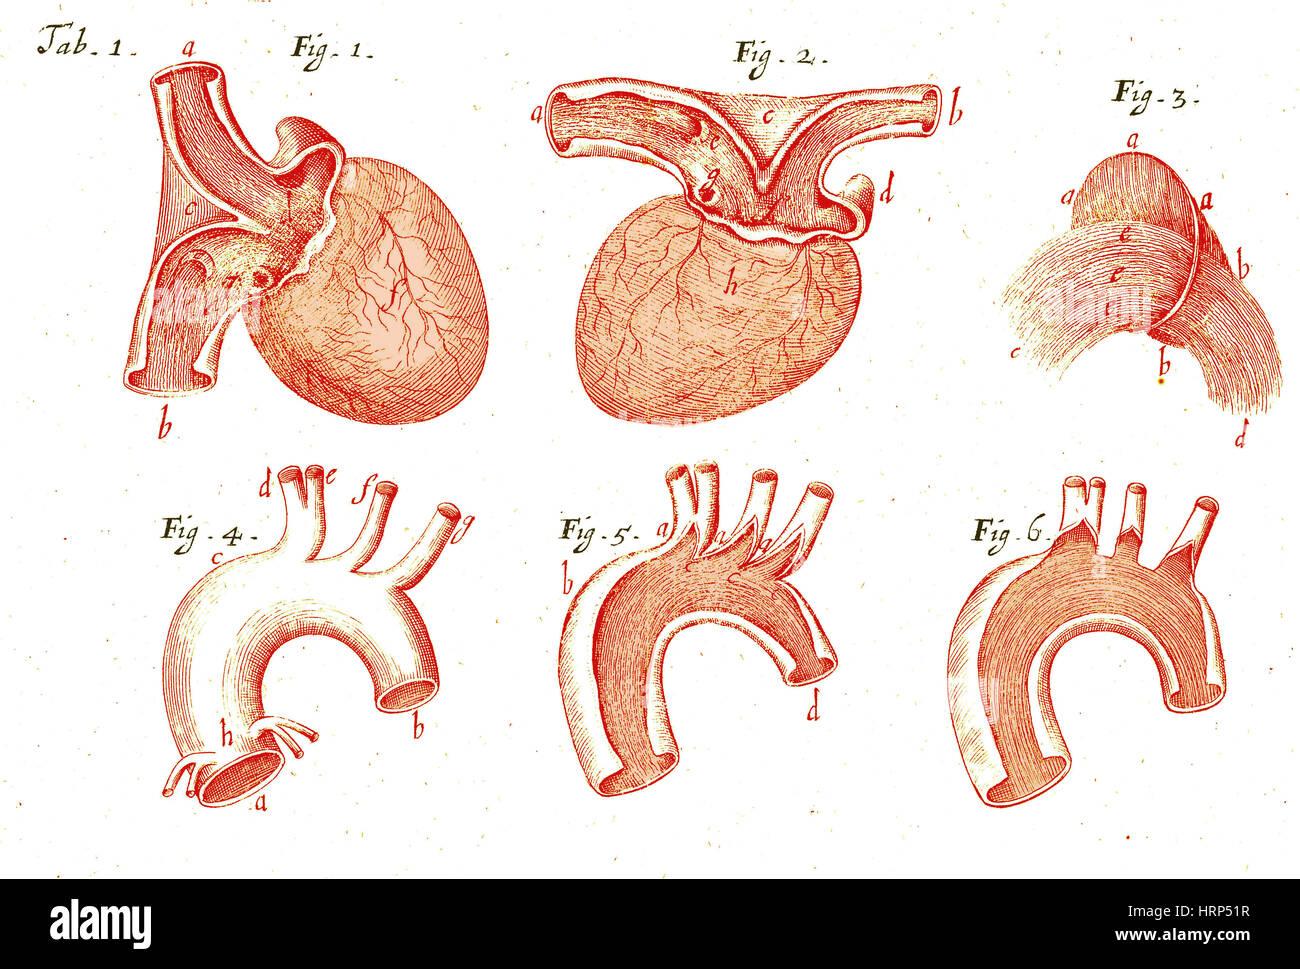 El corazón y la aorta, Ilustración anatómica, 1669 Foto & Imagen De ...